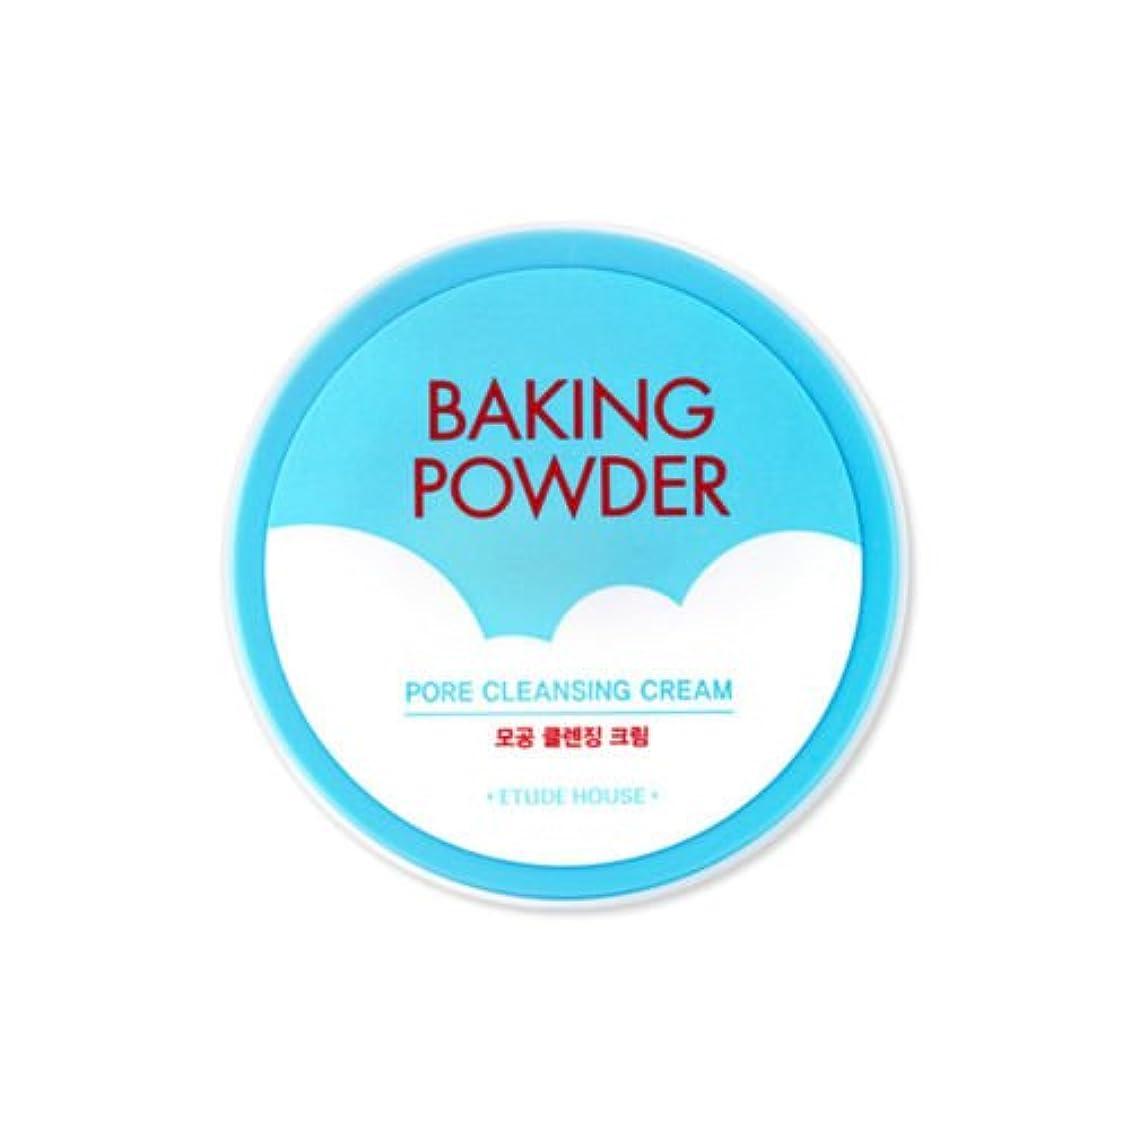 ペイン緊張デモンストレーション[2016 Upgrade!] ETUDE HOUSE Baking Powder Pore Cleansing Cream 180ml/エチュードハウス ベーキング パウダー ポア クレンジング クリーム 180ml